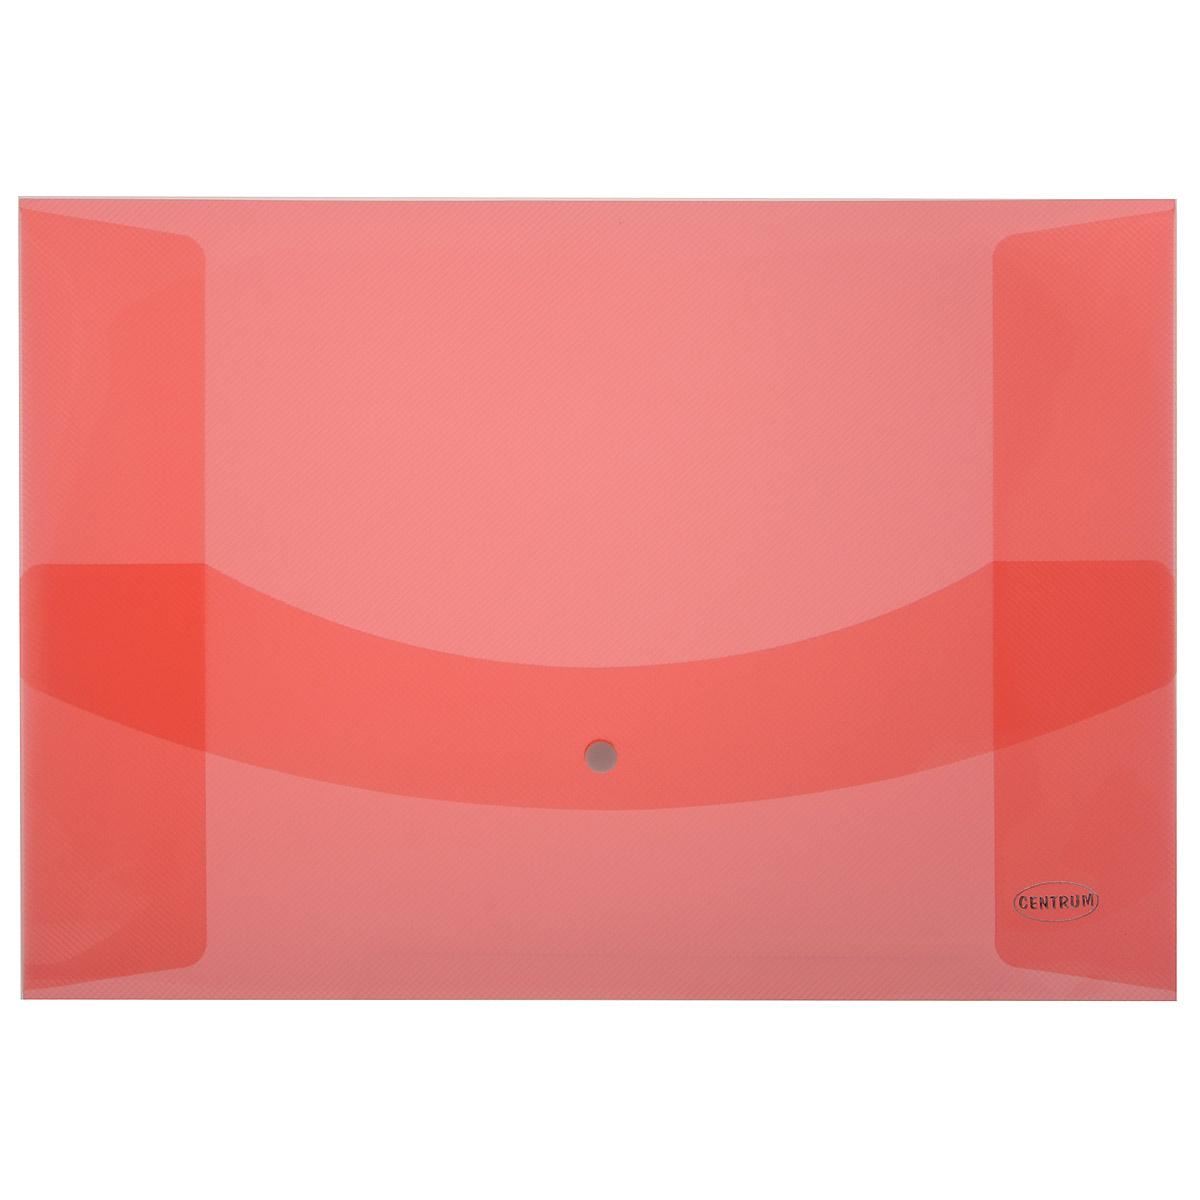 Папка-конверт на кнопке Centrum, цвет: красный. Формат А380626Папка-конверт на кнопке Centrum - это удобный и функциональный офисный инструмент, предназначенный для хранения и транспортировки рабочих бумаг и документов формата А3.Папка изготовлена из износостойкого полупрозрачного полипропилена и оформлена тиснением в виде параллельной штриховки. Закрывается клапаном на кнопке. На боковых сторонах папки расположены специальные проемы, облегчающие изъятие документов.Папка-конверт - это незаменимый атрибут для студента, школьника, офисного работника. Такая папка надежно сохранит ваши документы и сбережет их от повреждений, пыли и влаги.